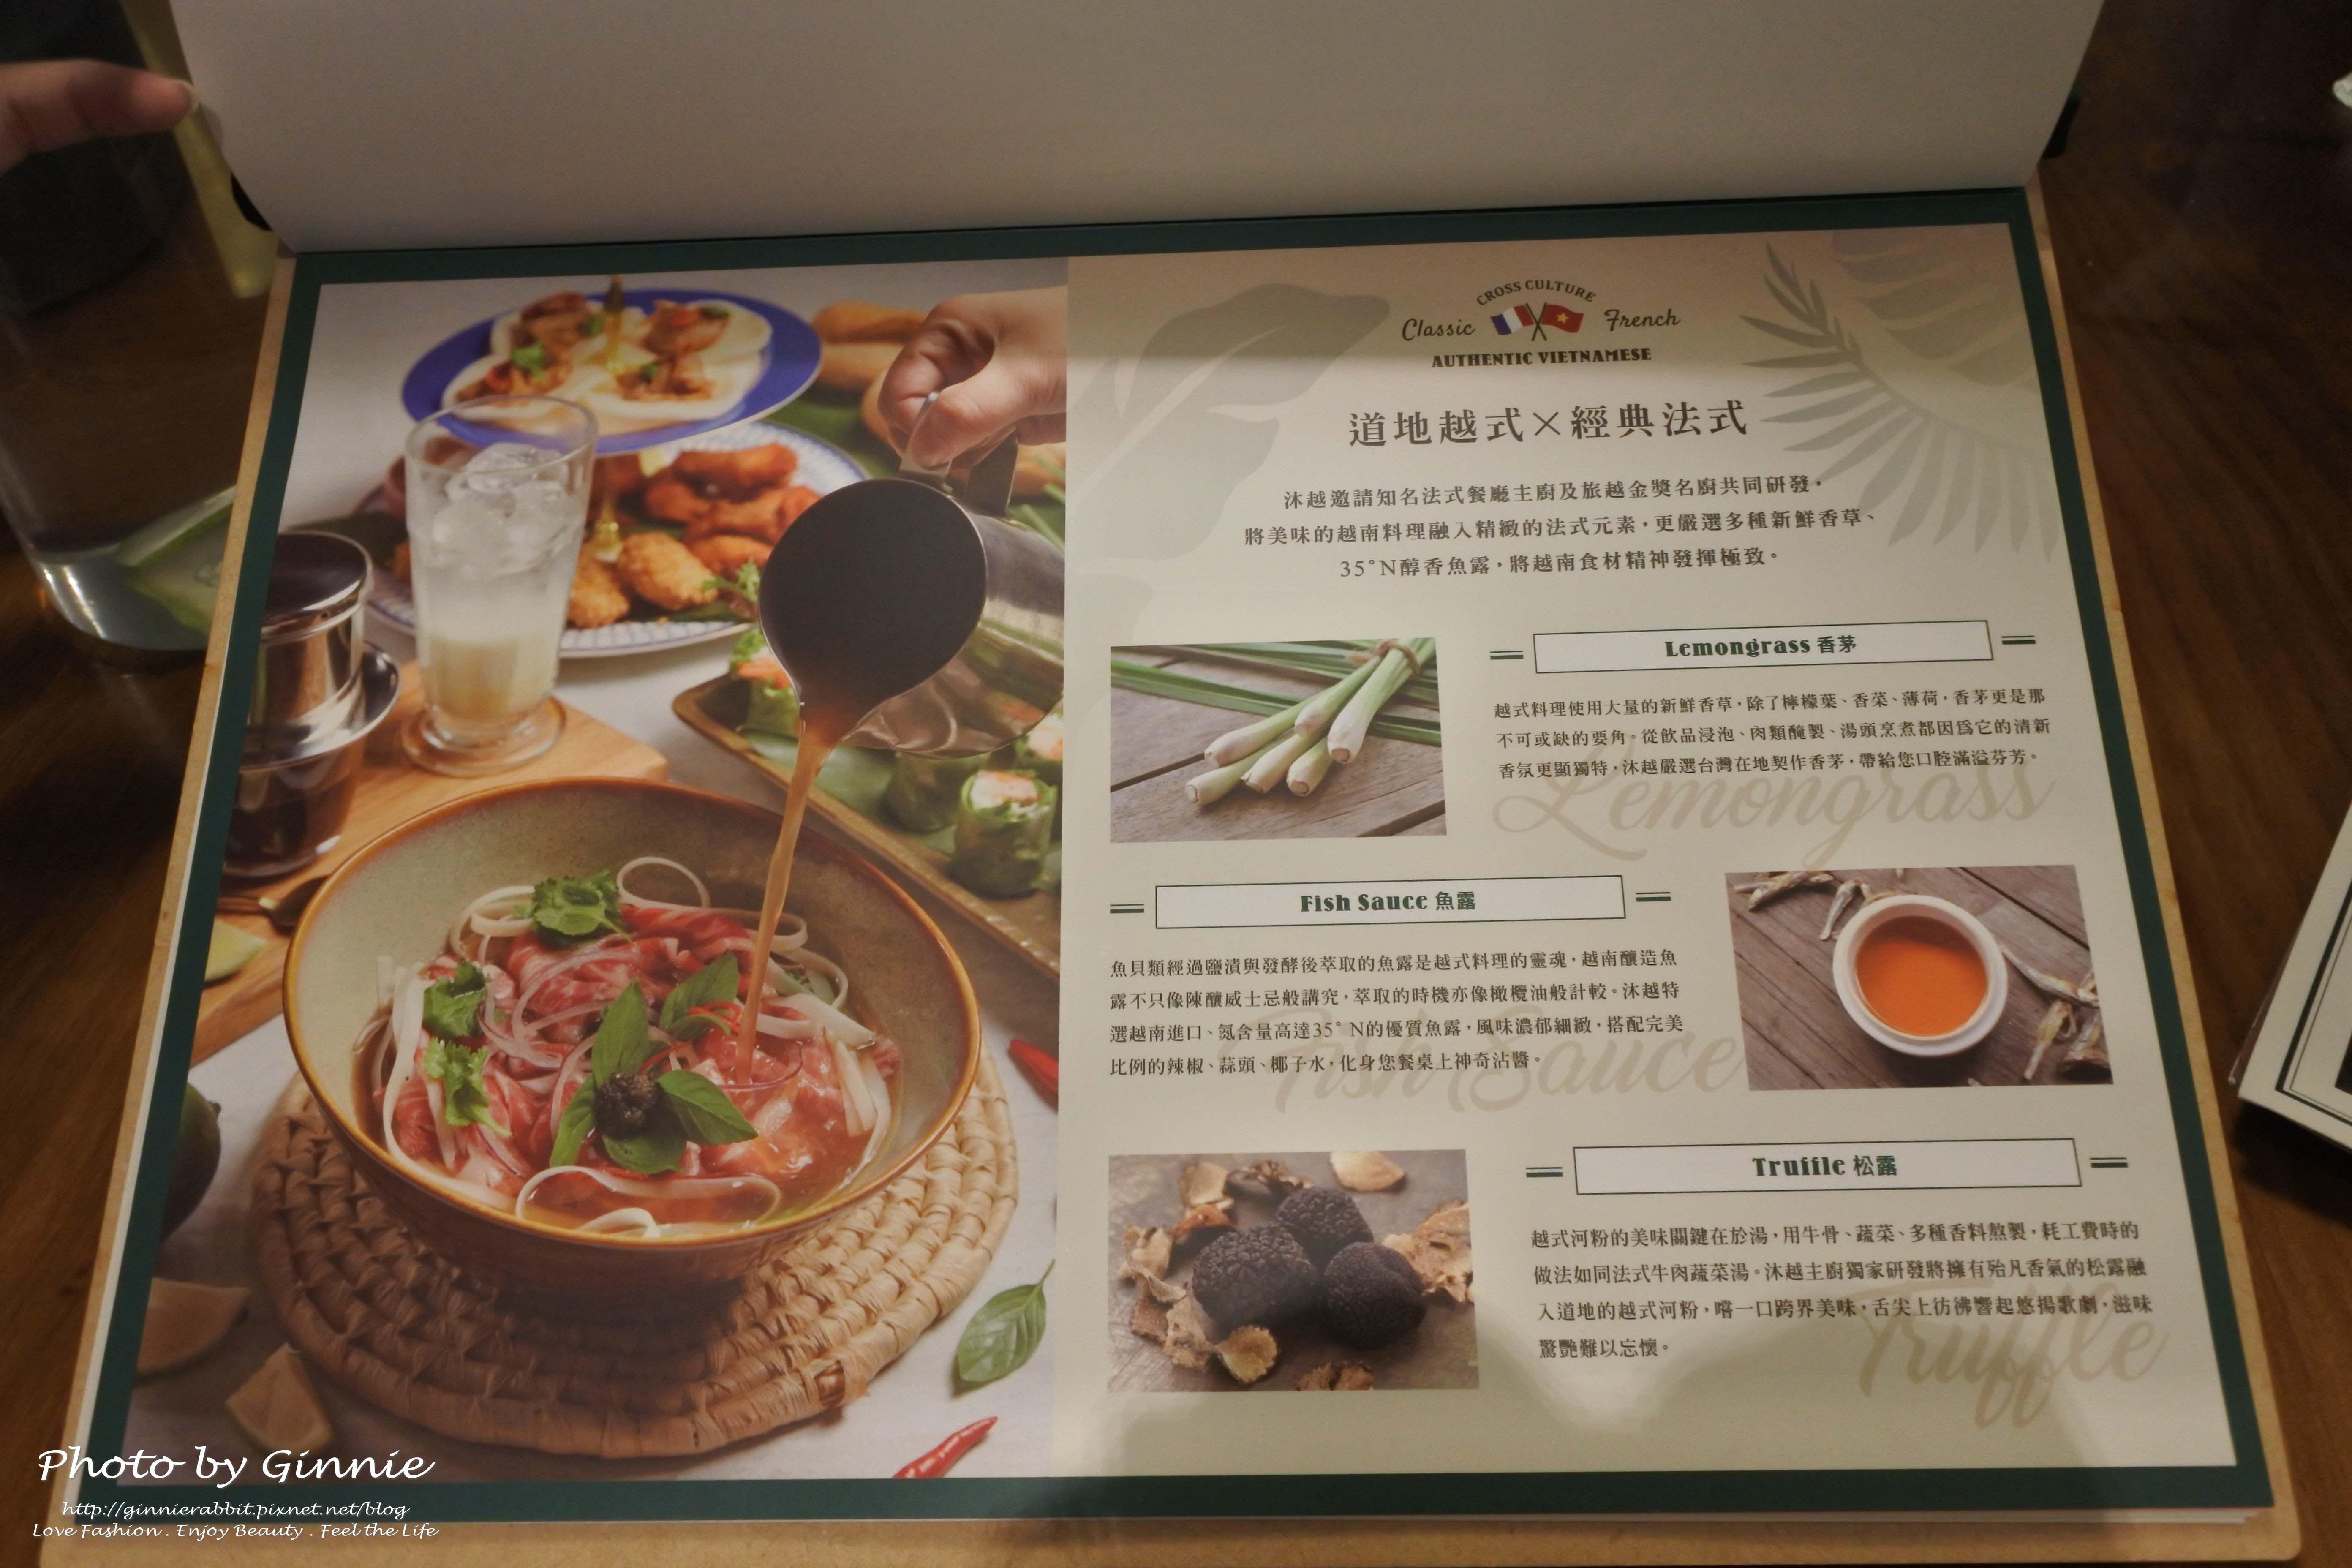 沐越 台中公益店 菜單